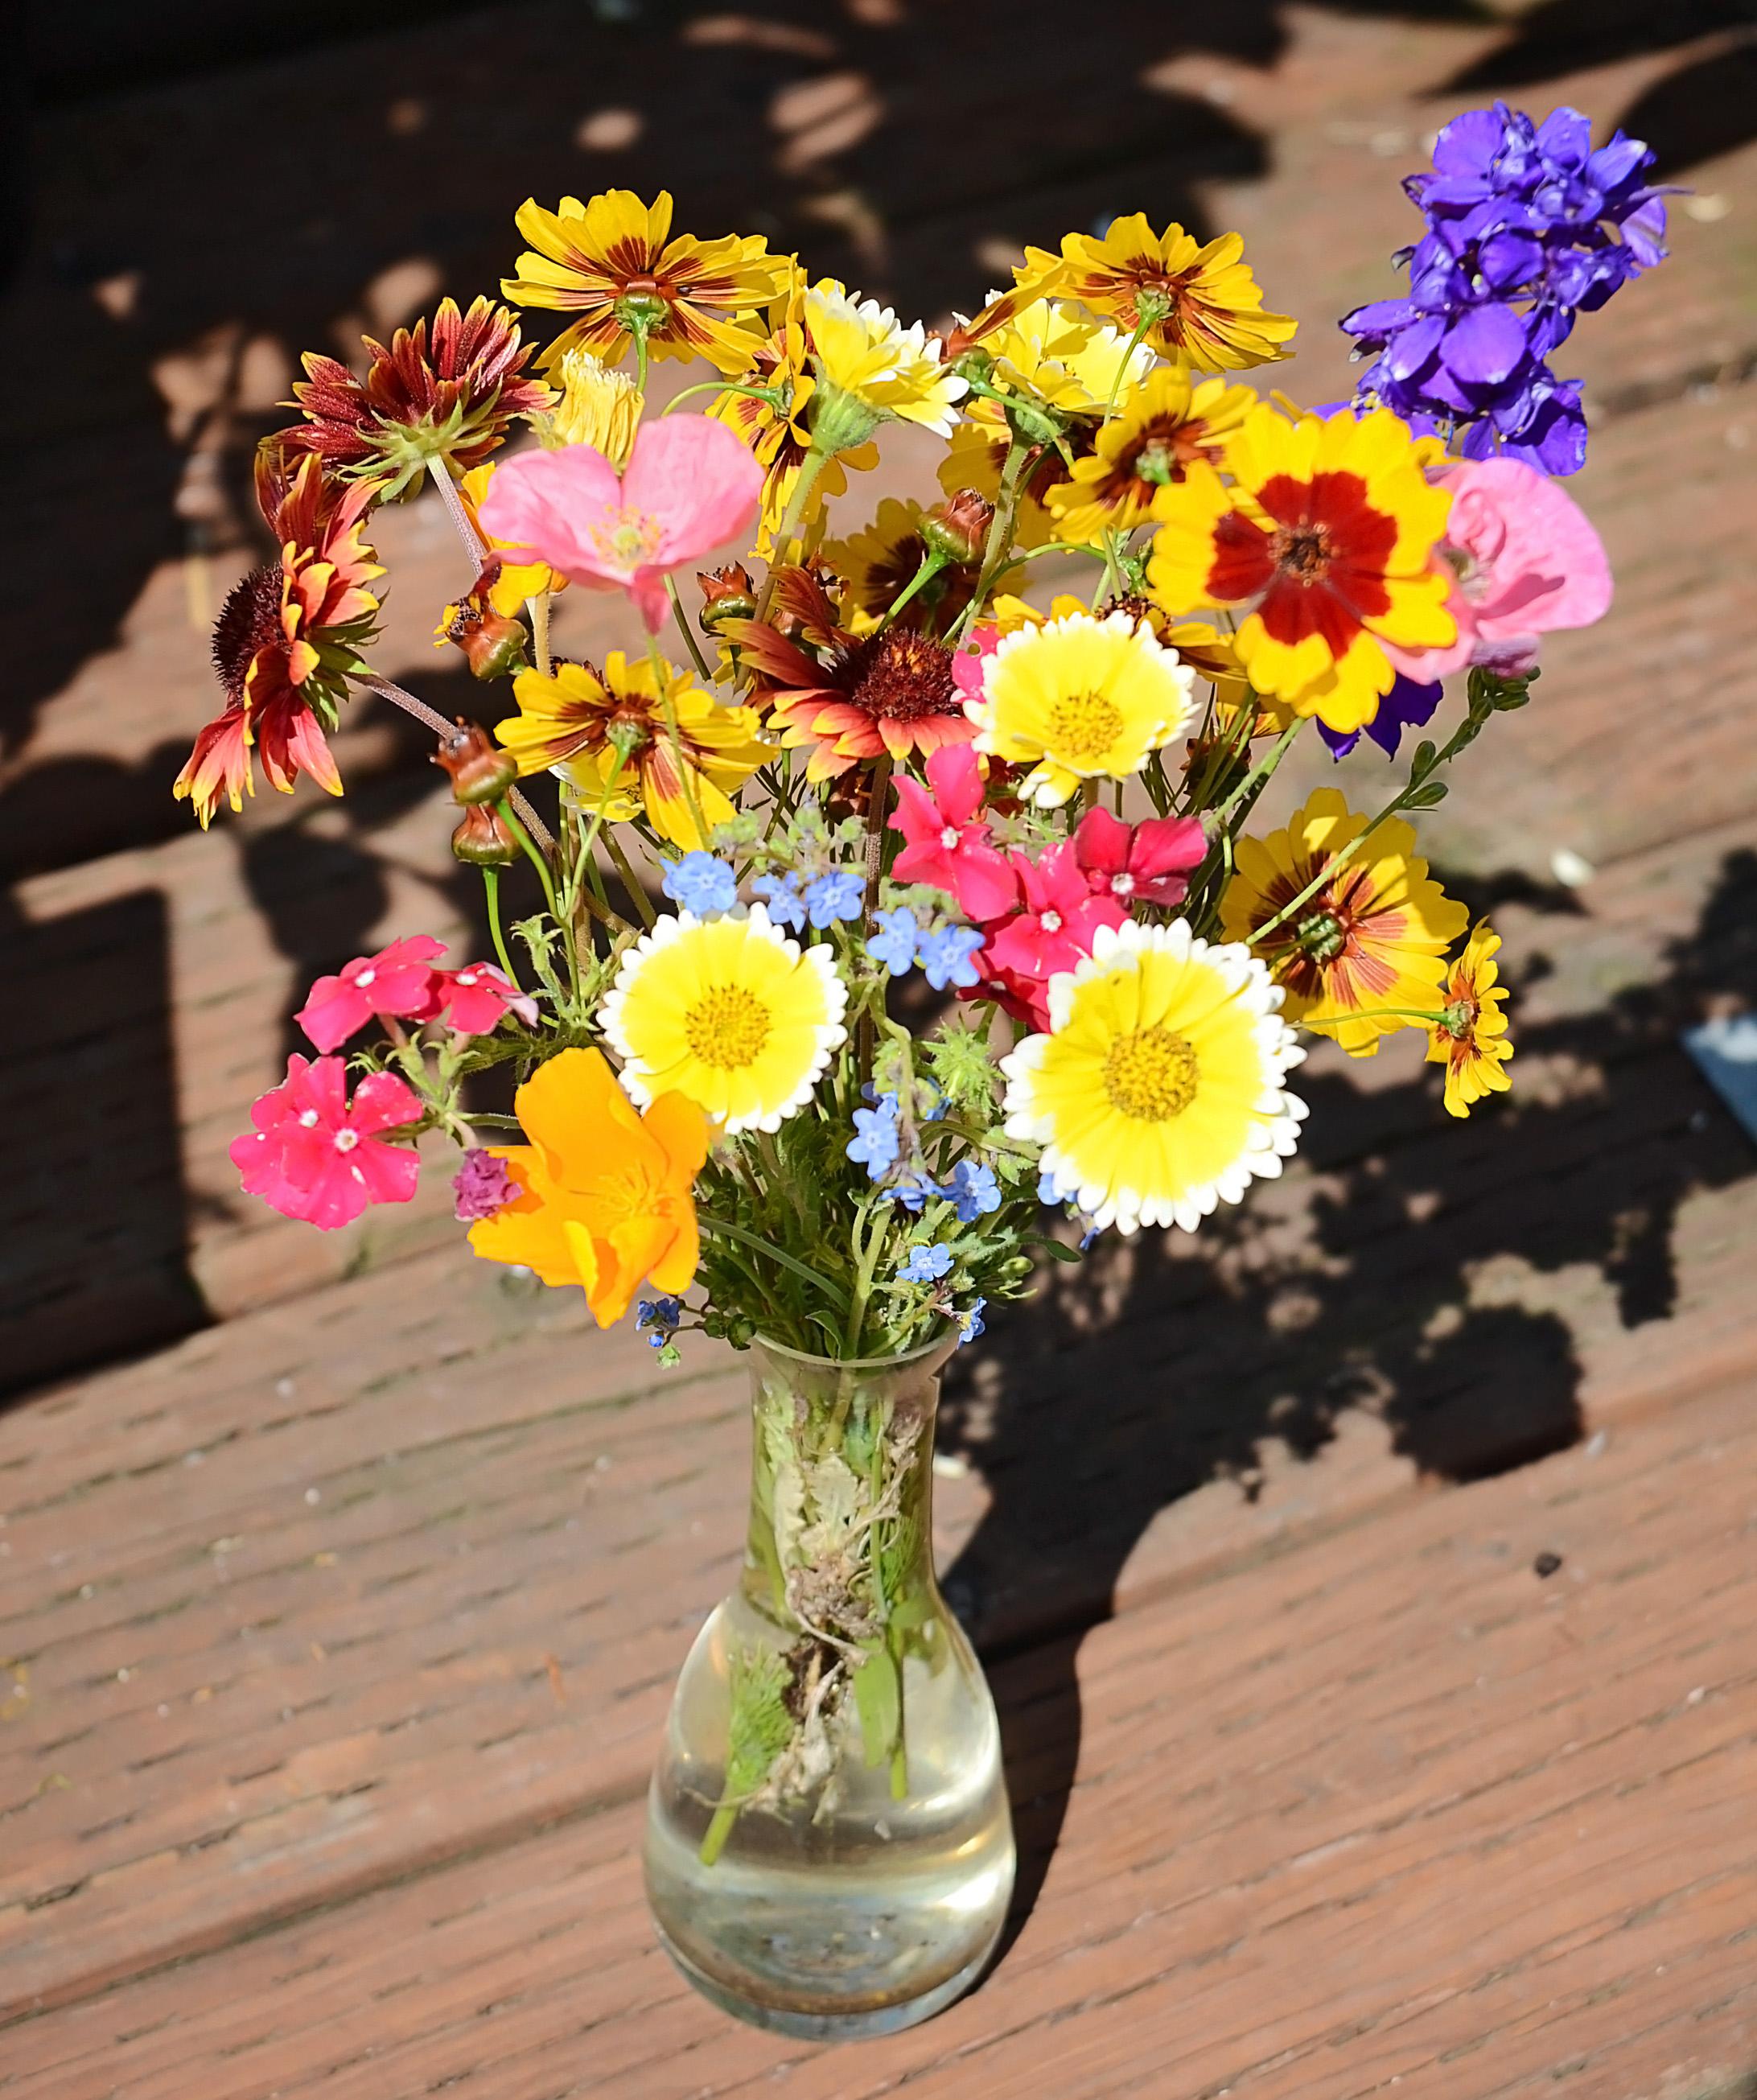 FL2438 Bee Feed Mix 07-9-15 (6).jpg